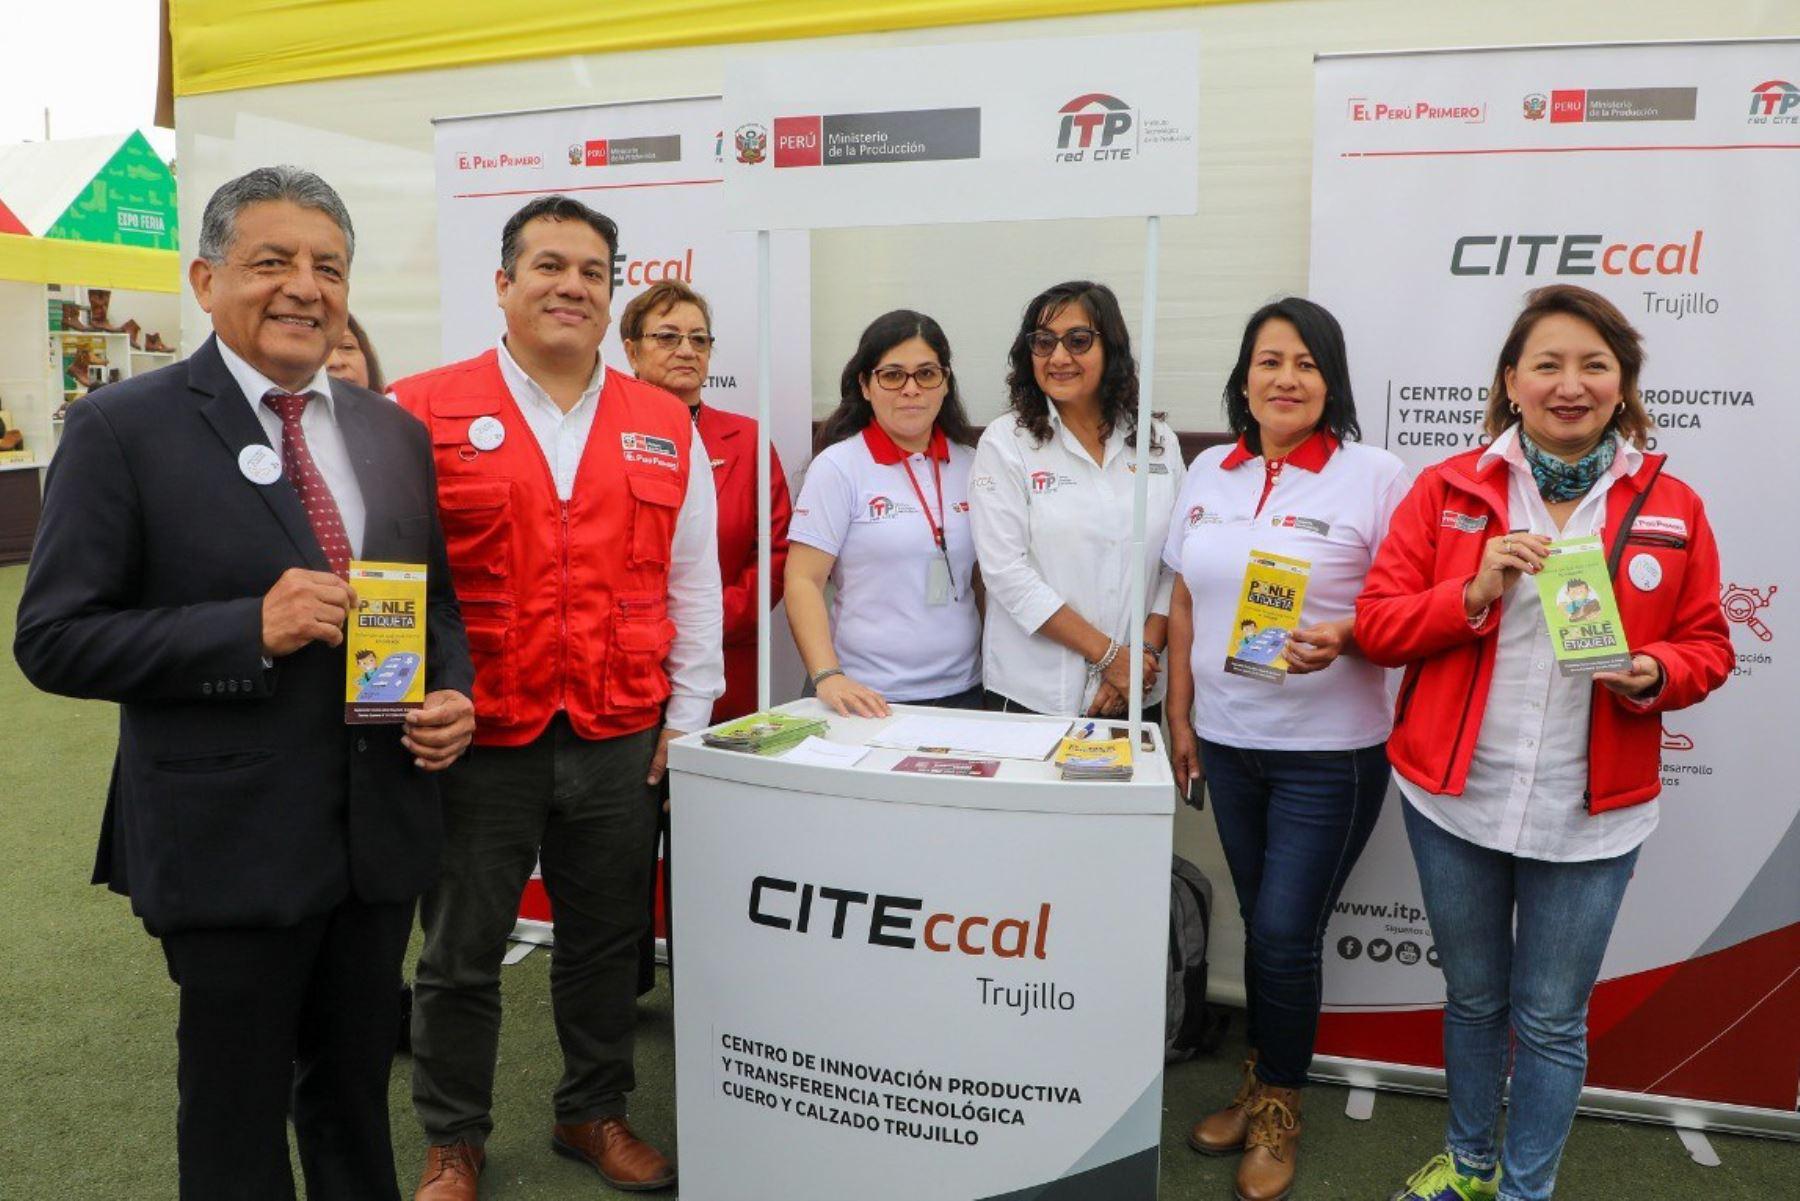 Empresas asistidas por CITEccal Trujillo participan en Feria Nacional de Calzado